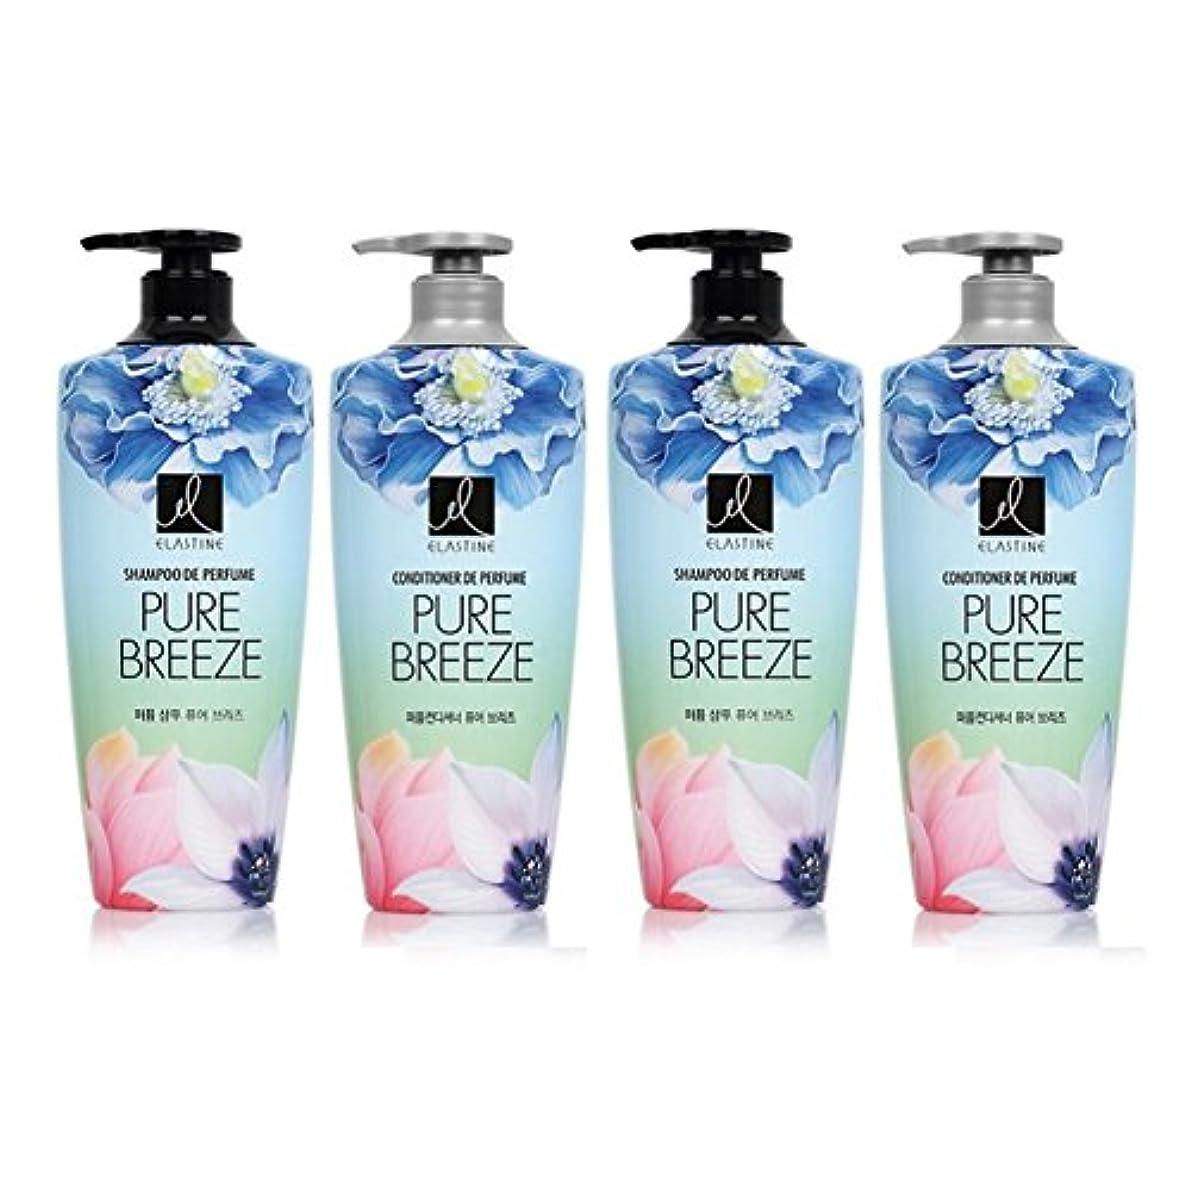 明快命令論争的[エラスティン] Elastine Perfume PURE BREEZE 4本 セット / シャンプー(600ml) + コンディショナー(600ml) / パフュームピュアブリーズ [並行輸入品] (シャンプー 2本...